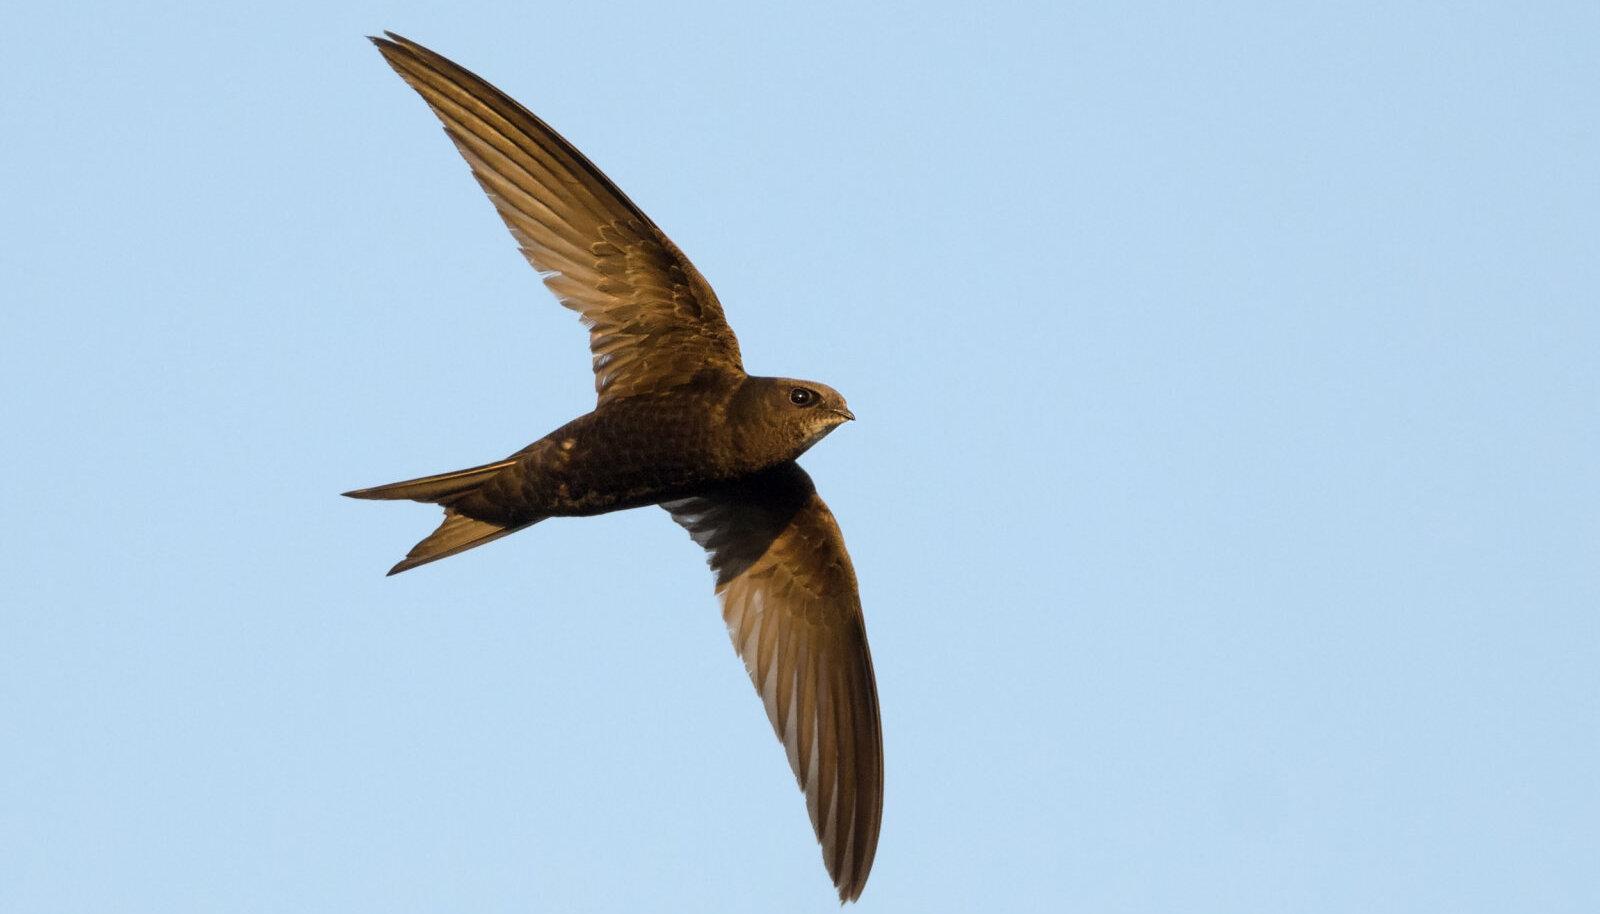 Piiritaja magab, sööb ja paaritub õhus ning suudab lennata meeletult pikki vahemaid